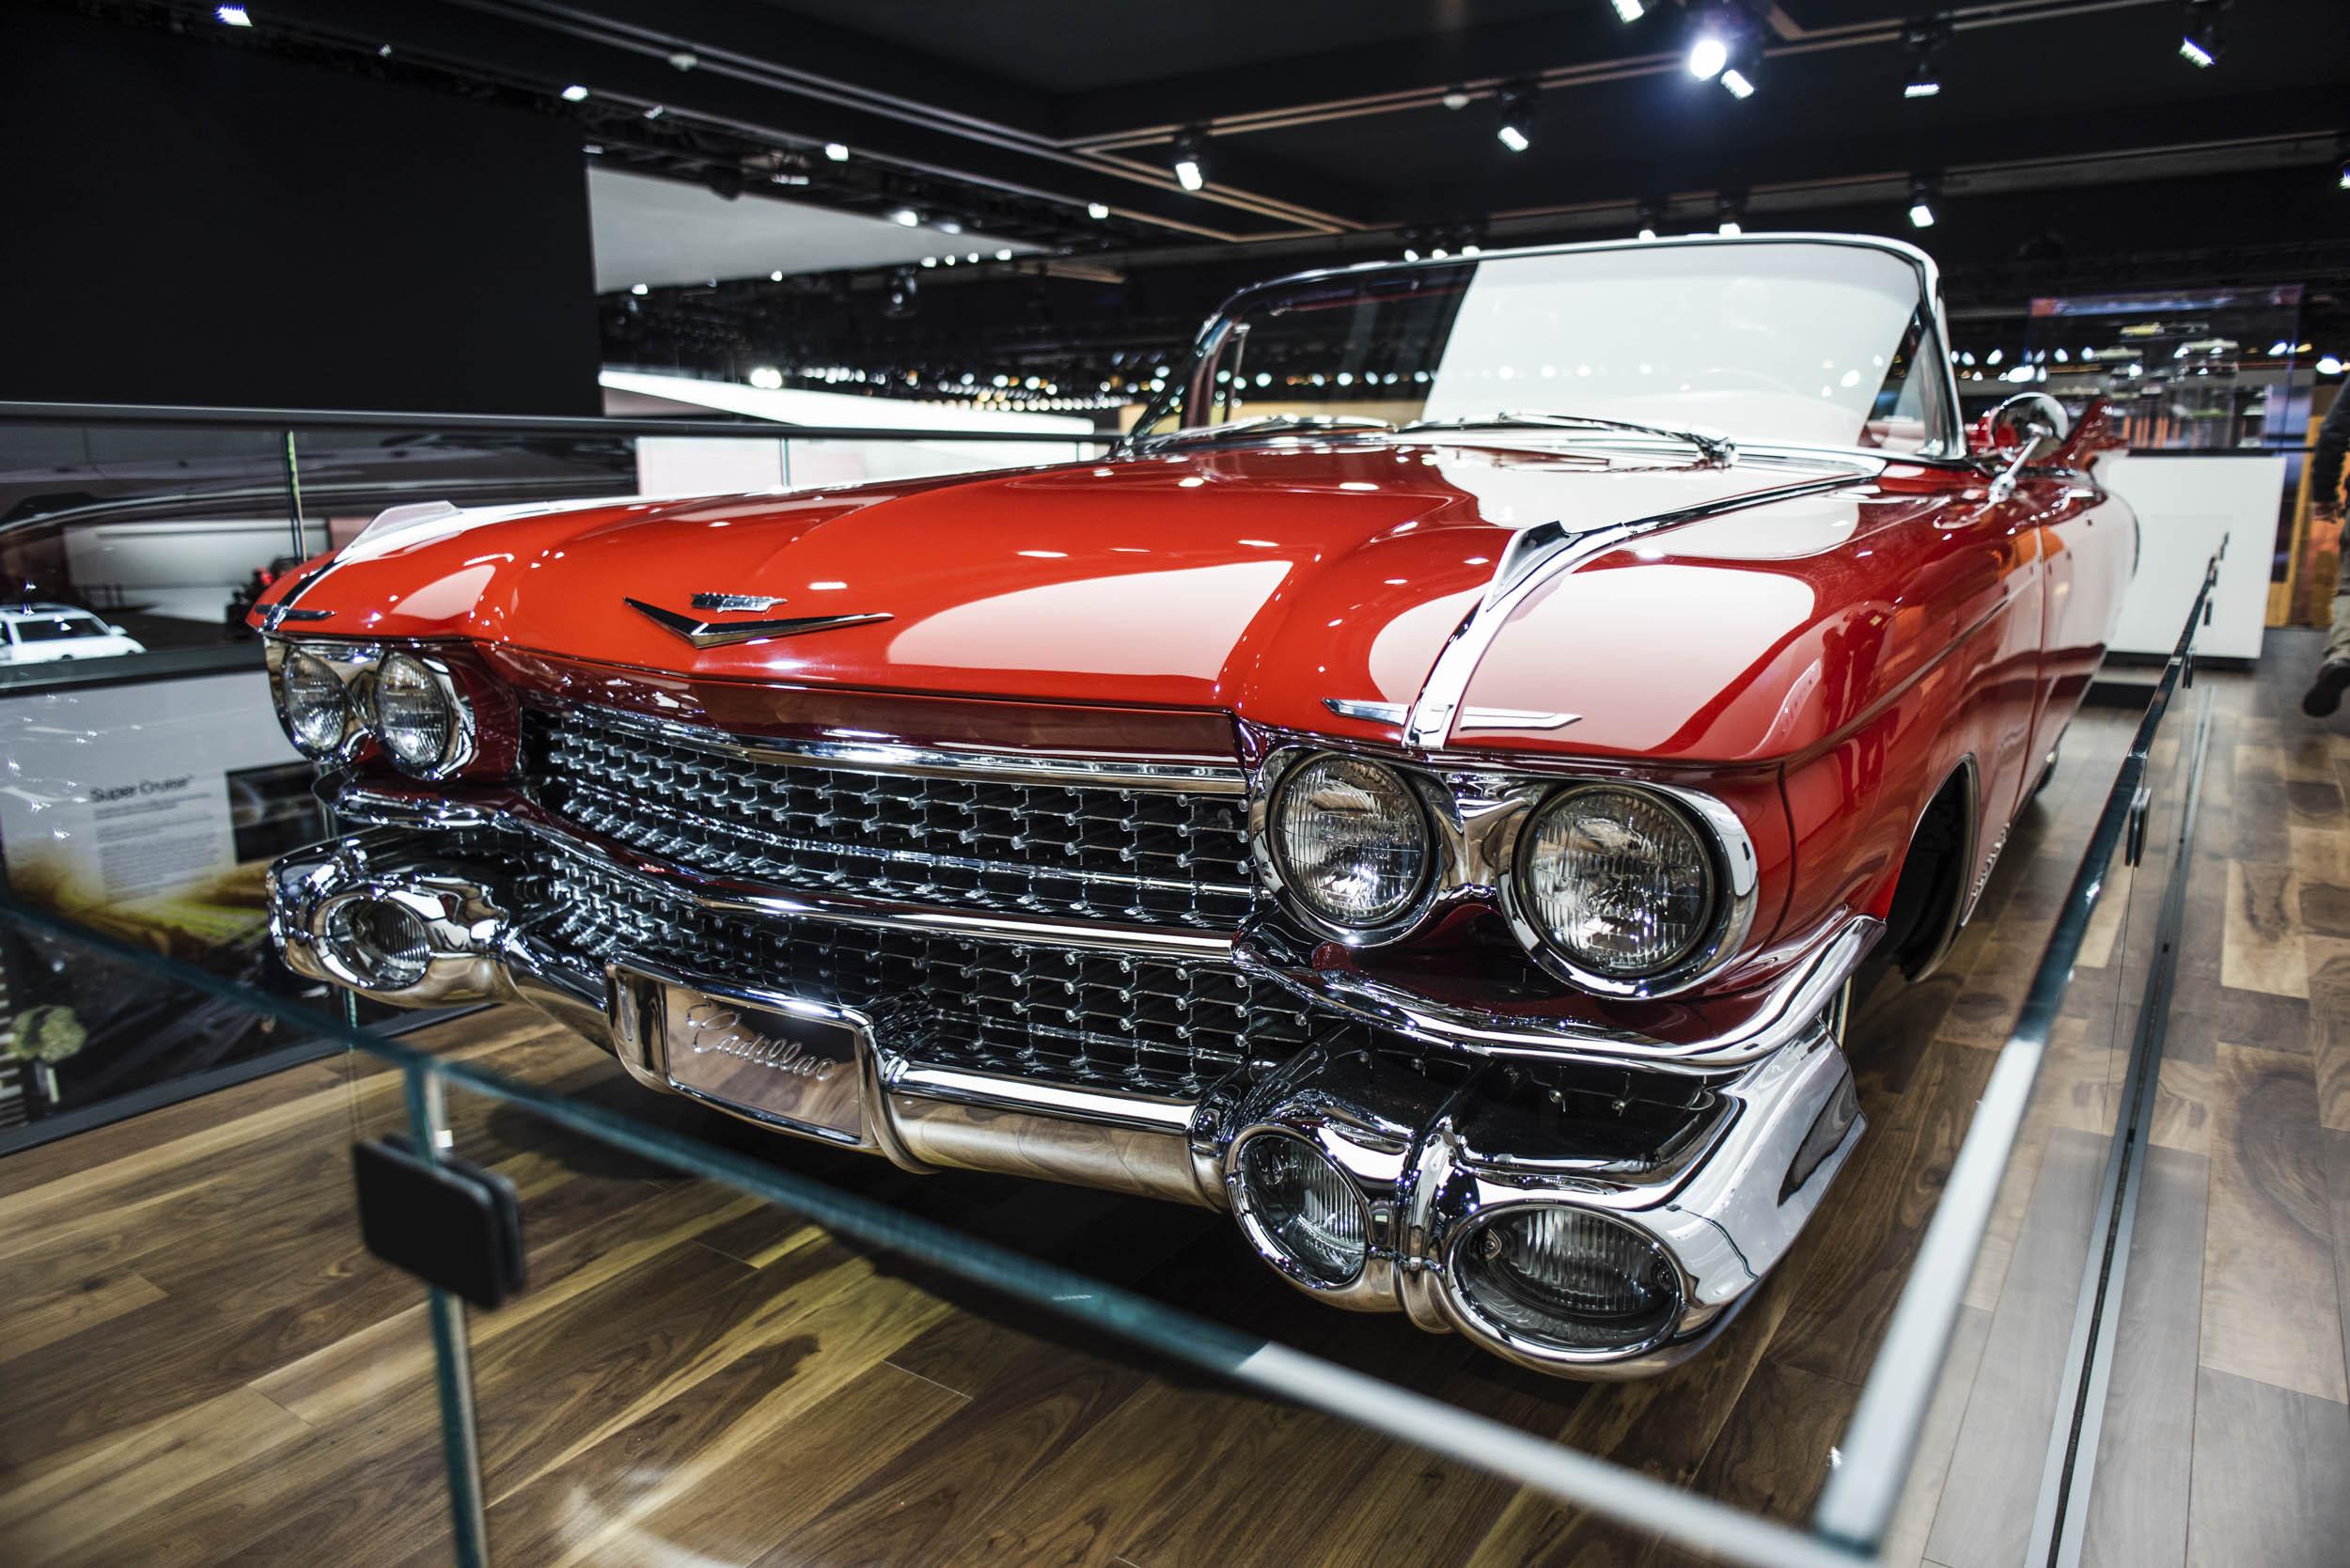 1959 Cadillac Eldorado front 3/4